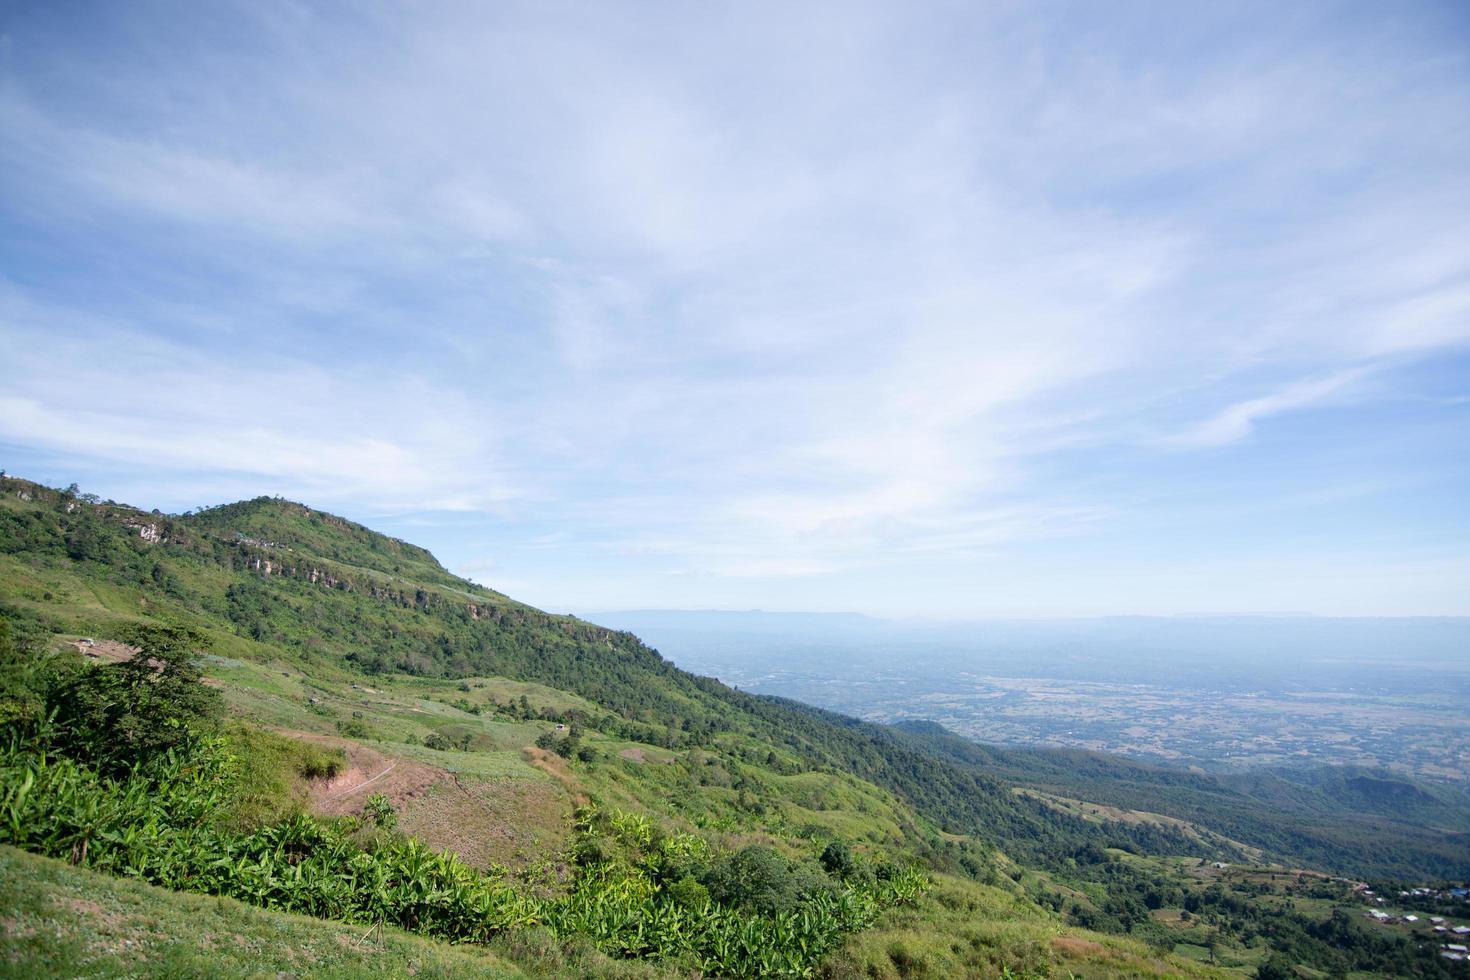 phu tub berk mountain view, thailandia foto